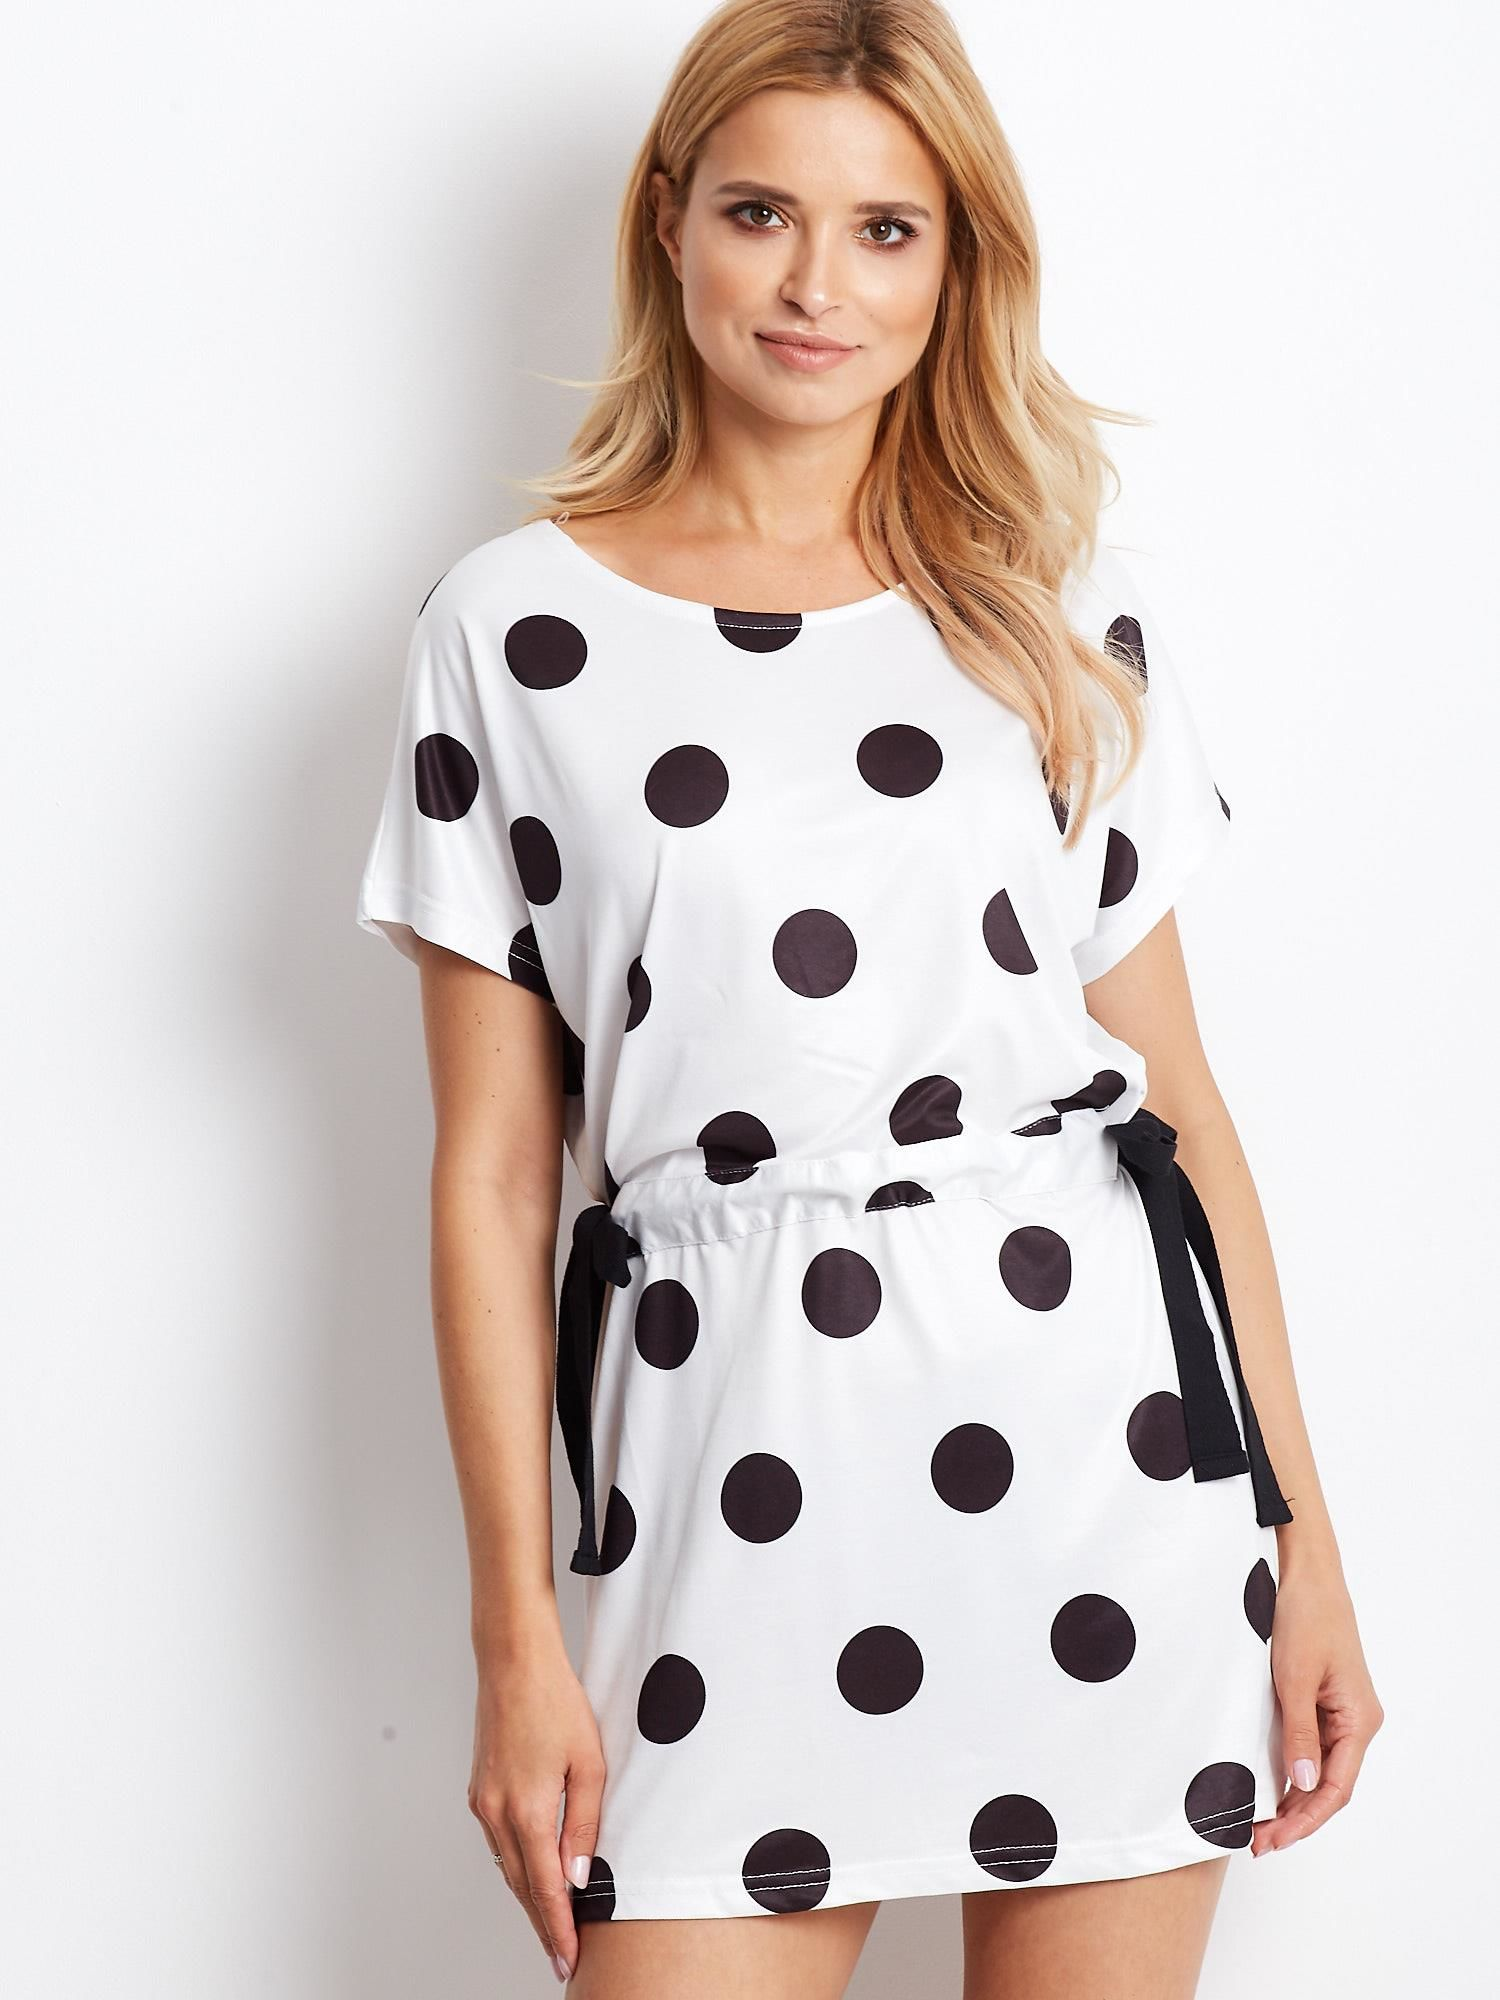 Čierno-biele bodkované šaty s zviazaním - L